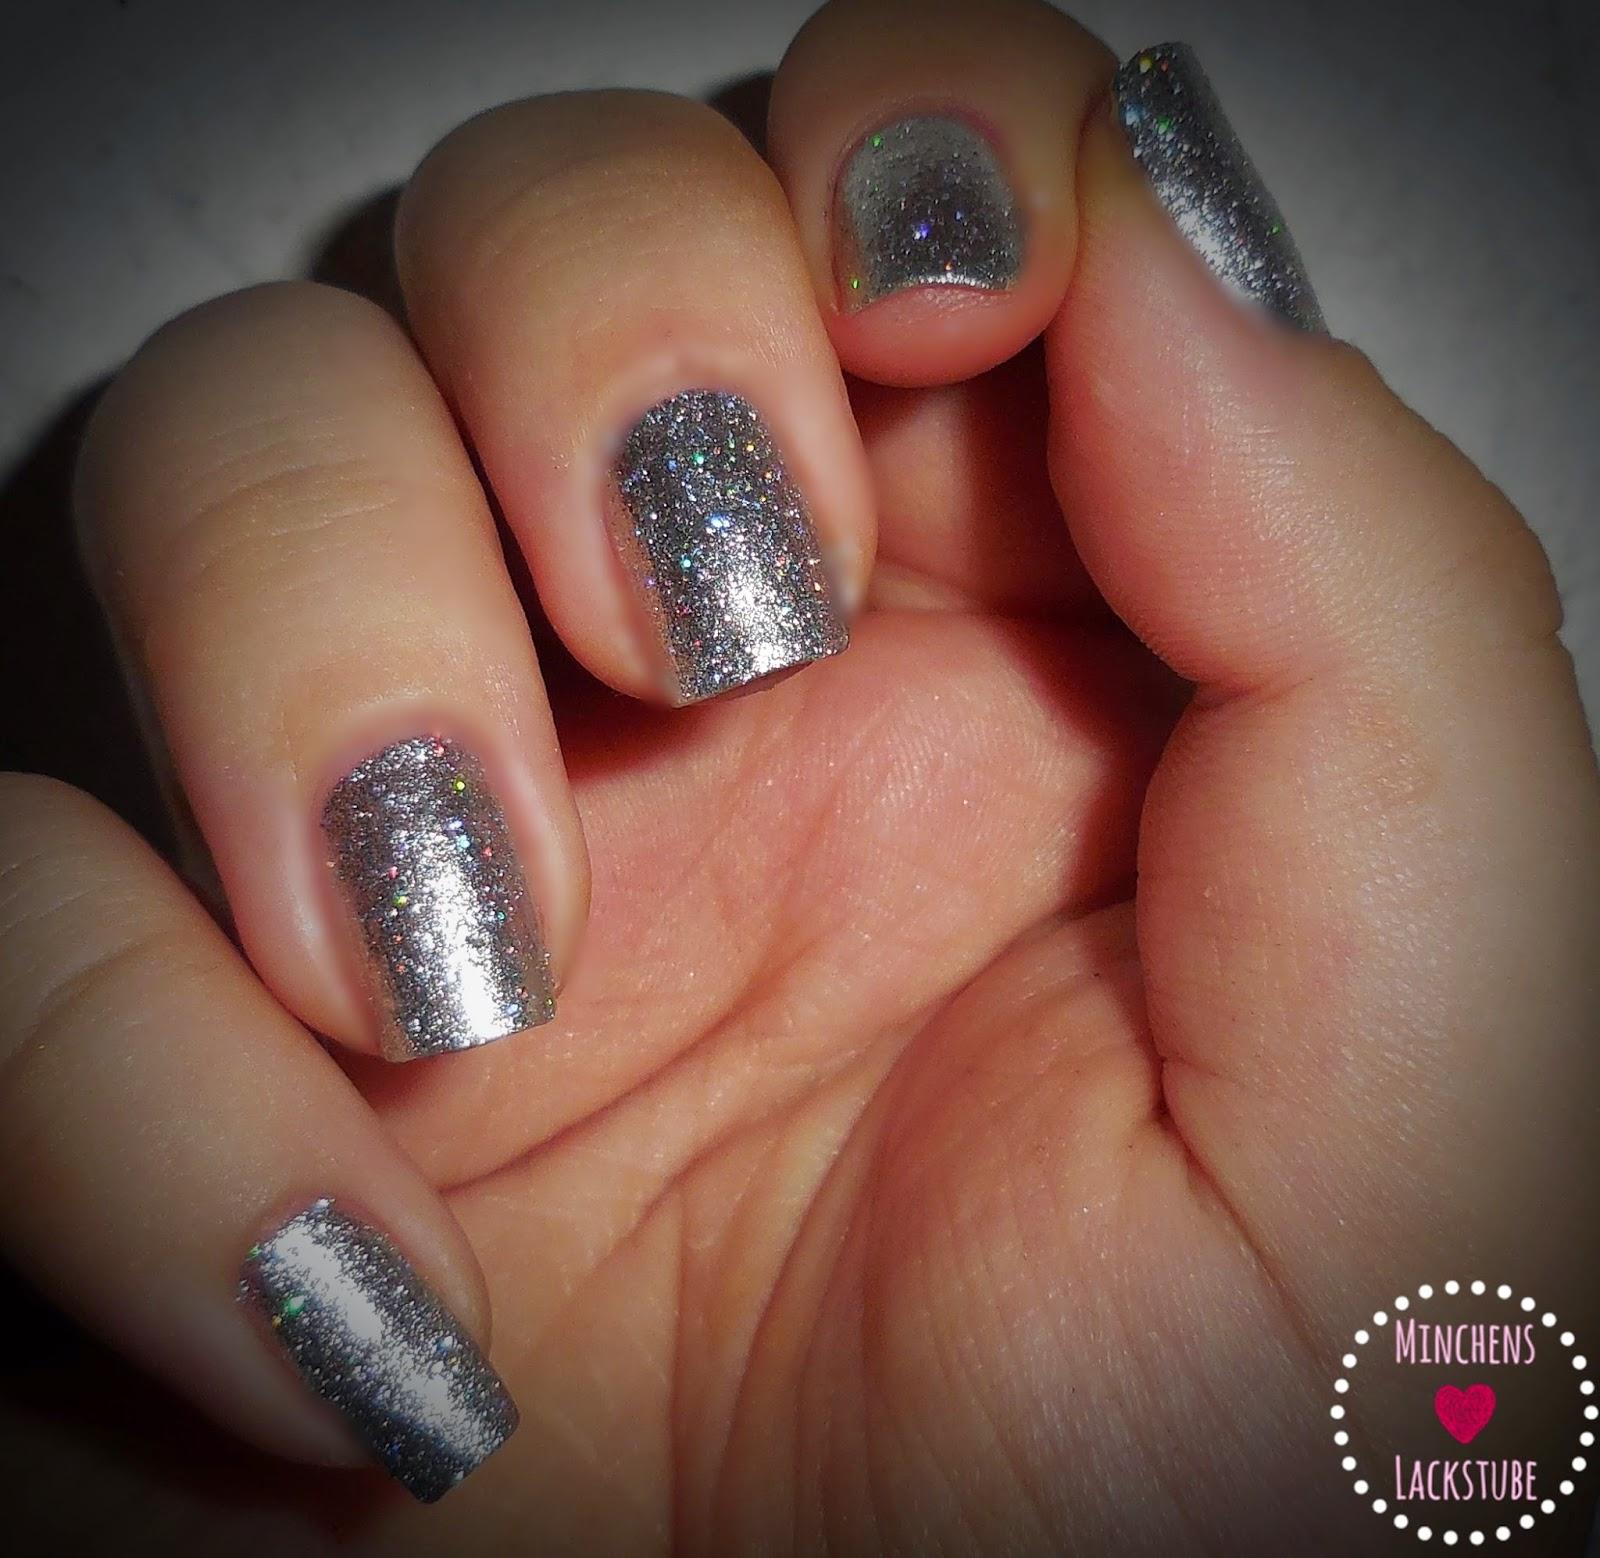 Lackschaf: Lacke in Farbe...und bunt! Silber